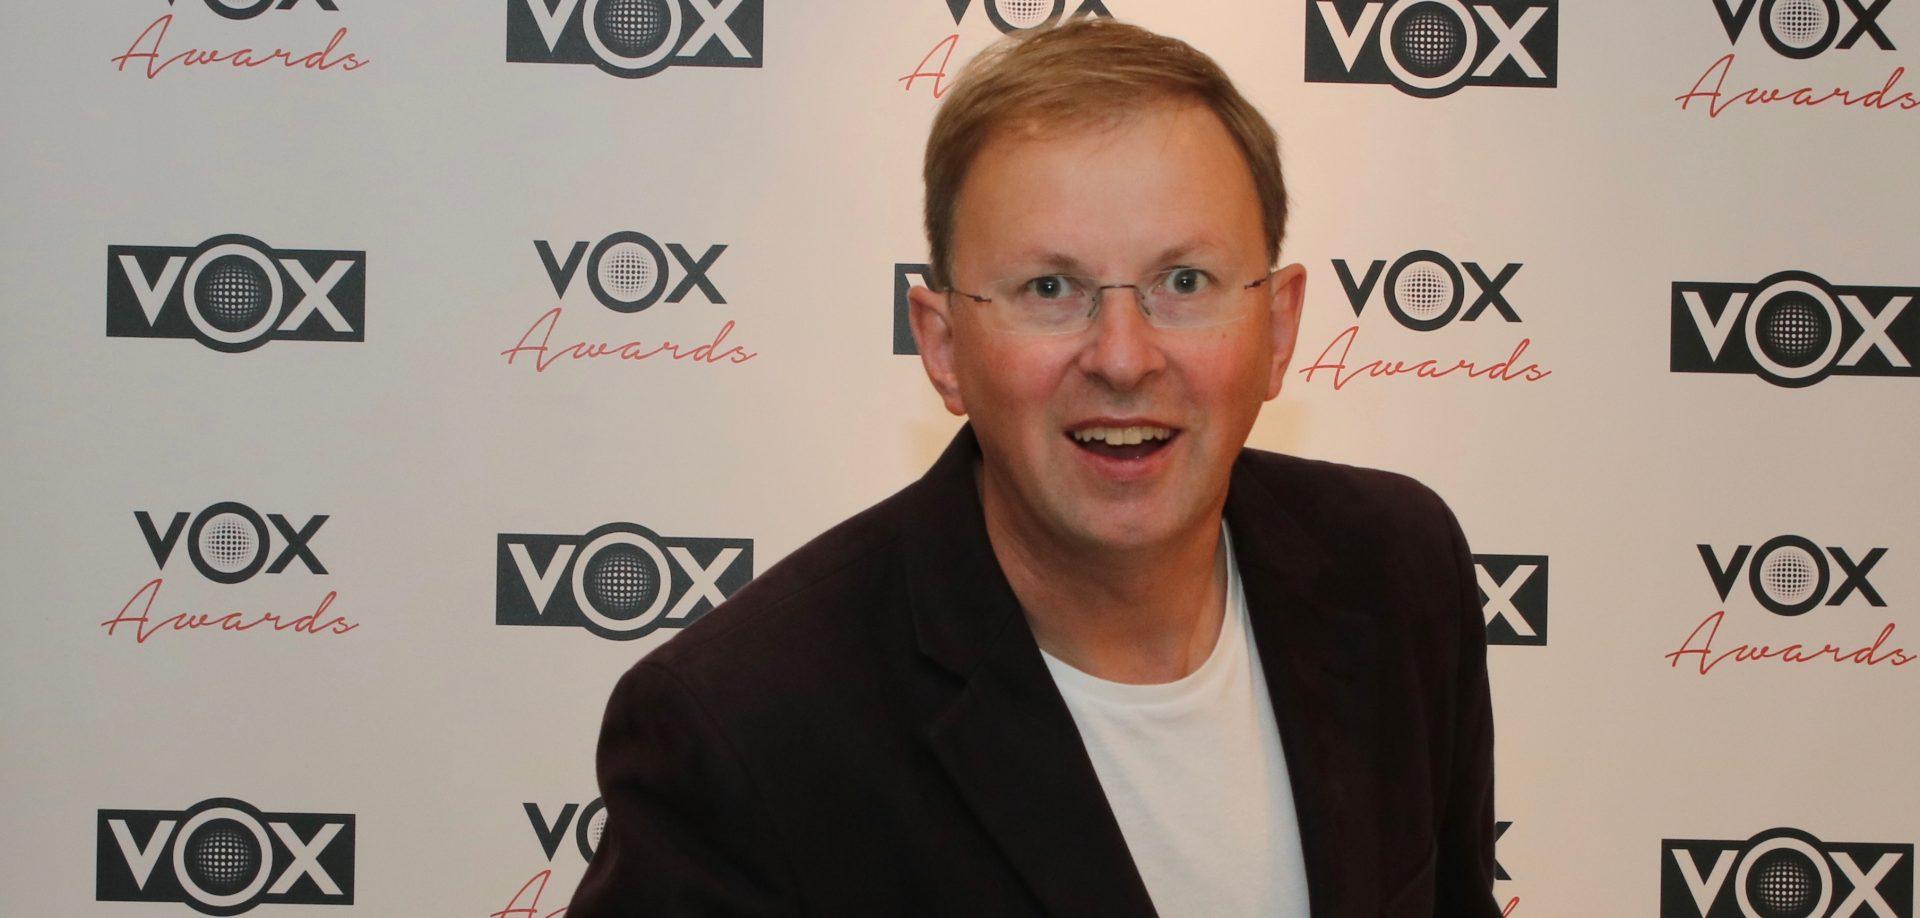 Steve at VOX 2016